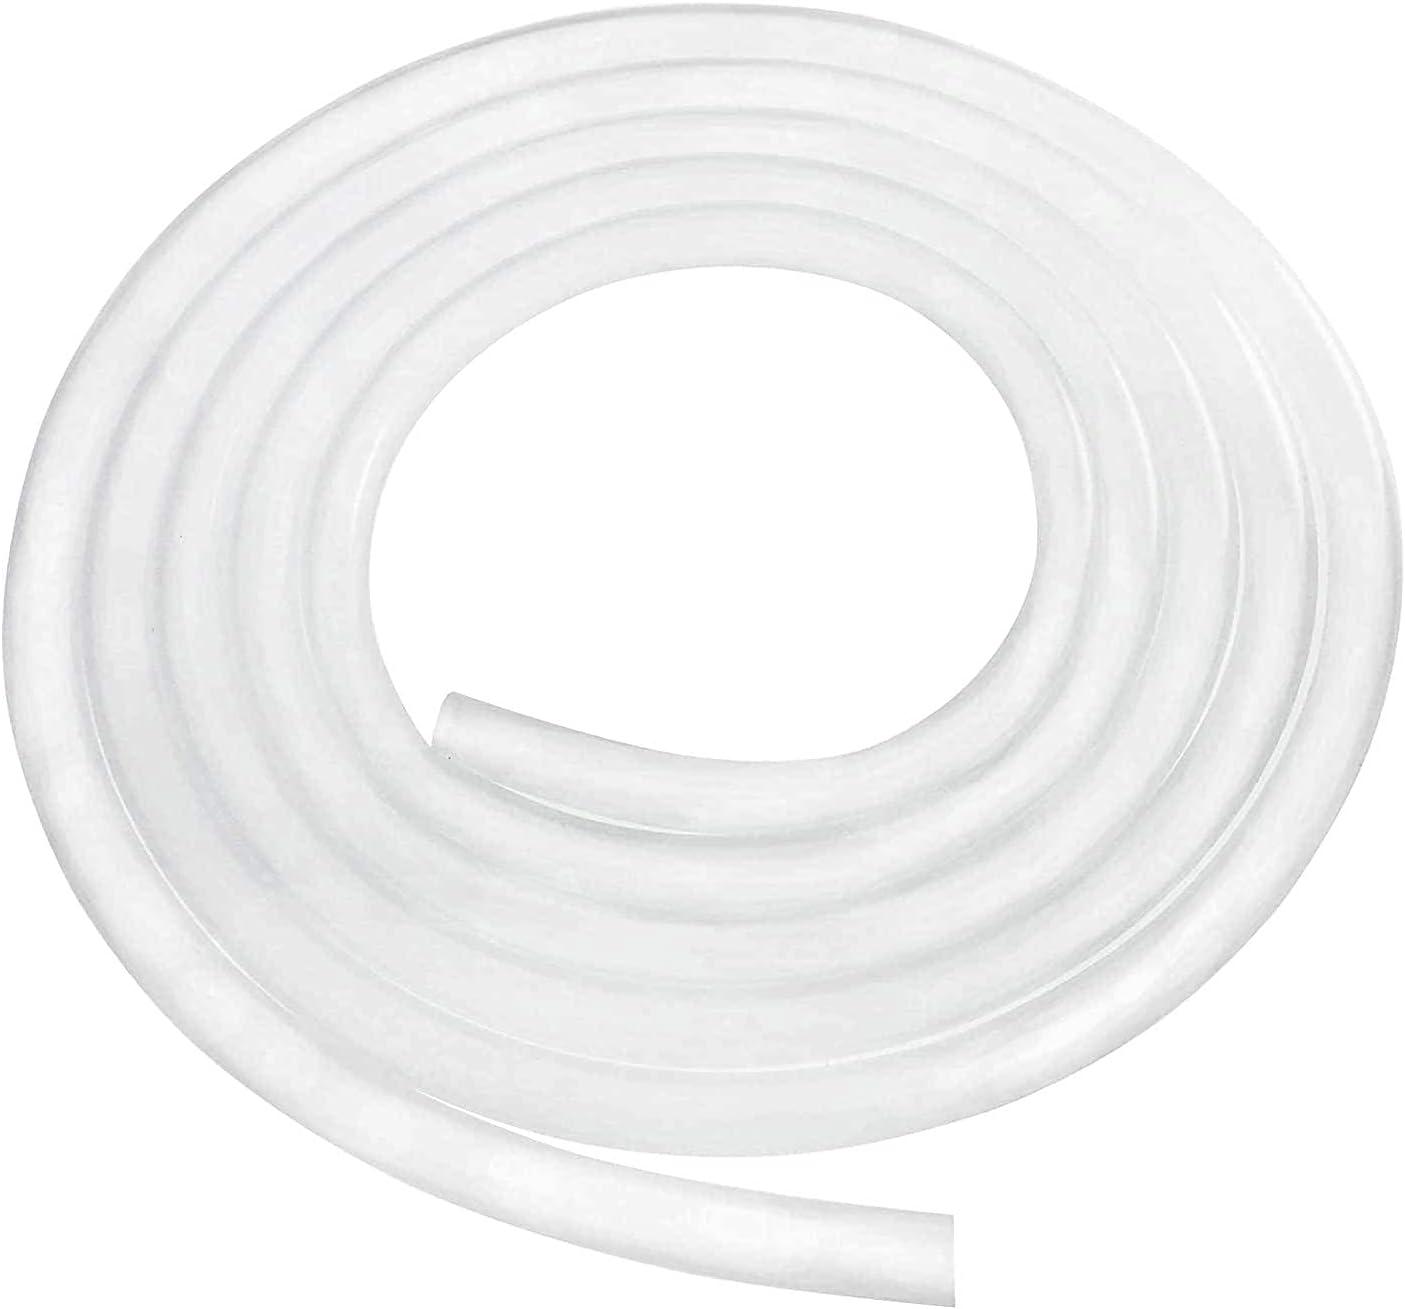 Quickun Pure Silicone Tubing, 1